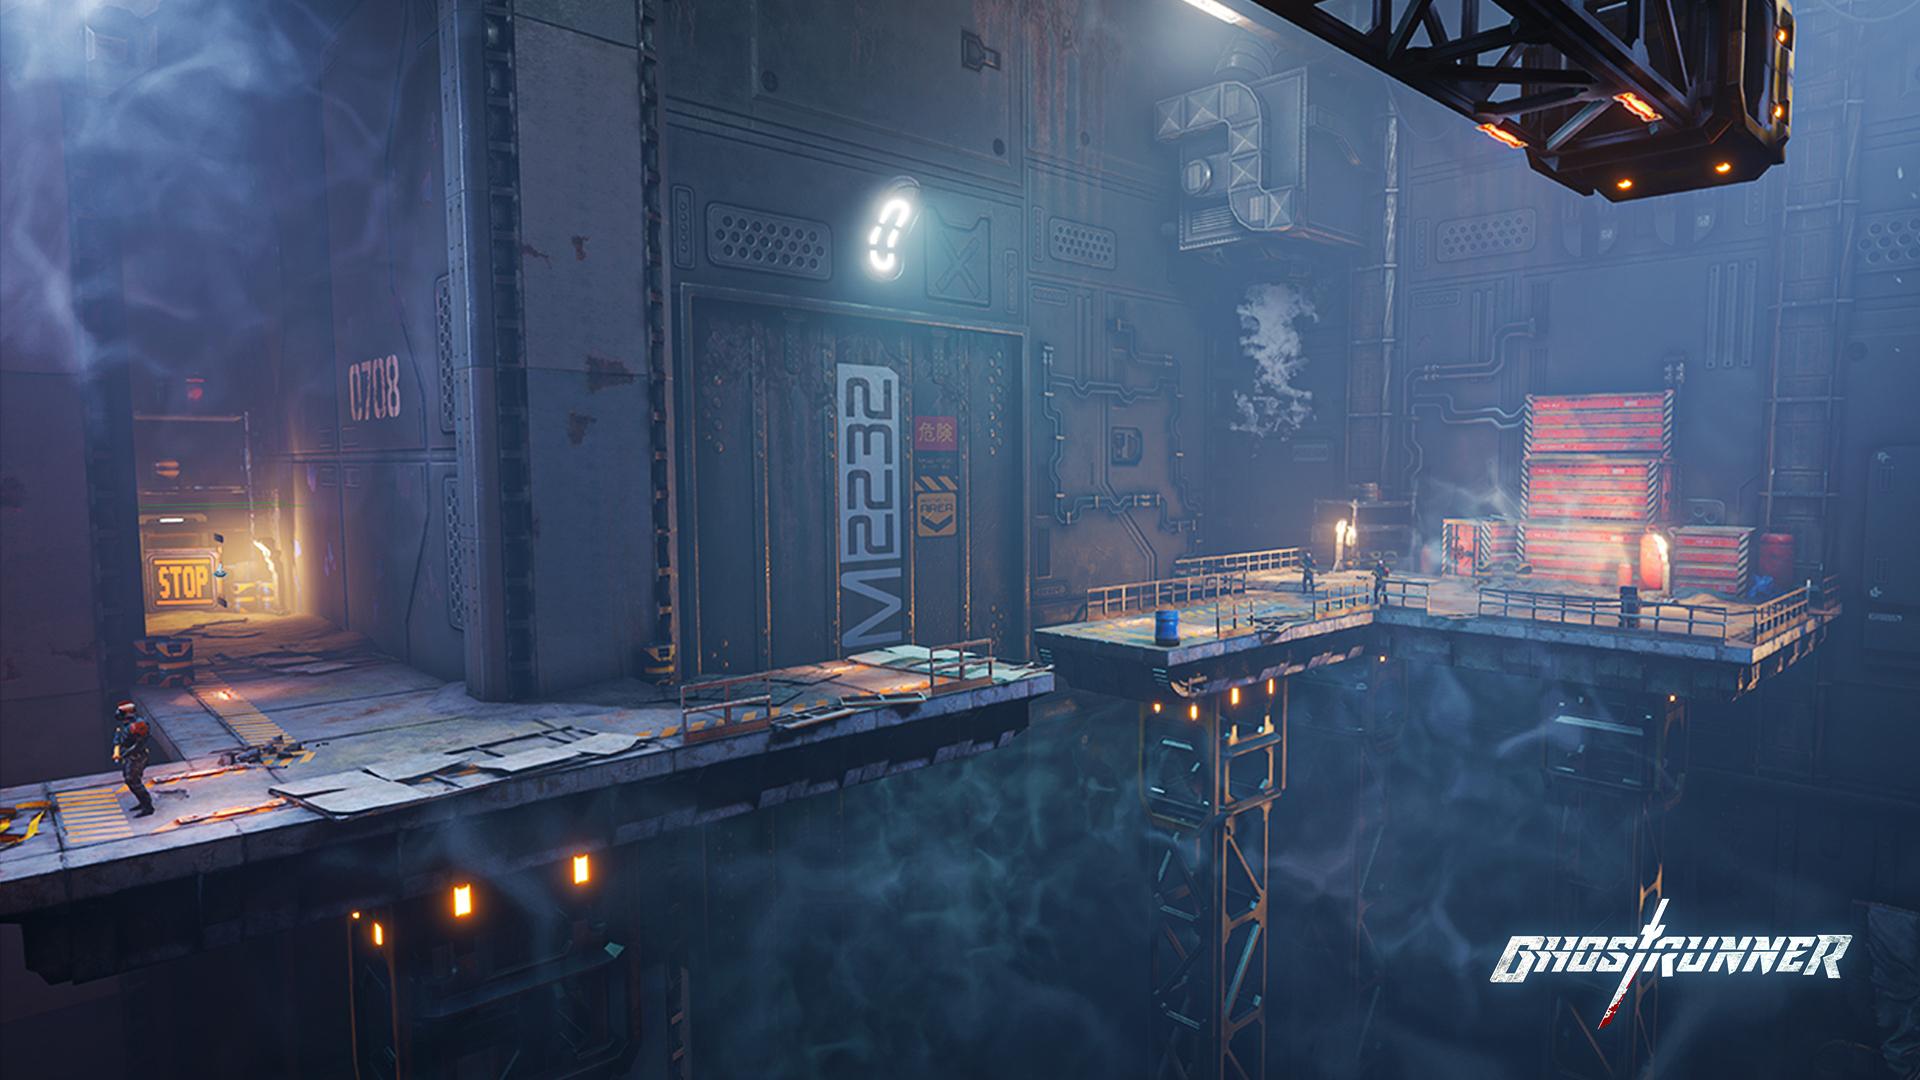 ghostrunner-pc-screenshot-01